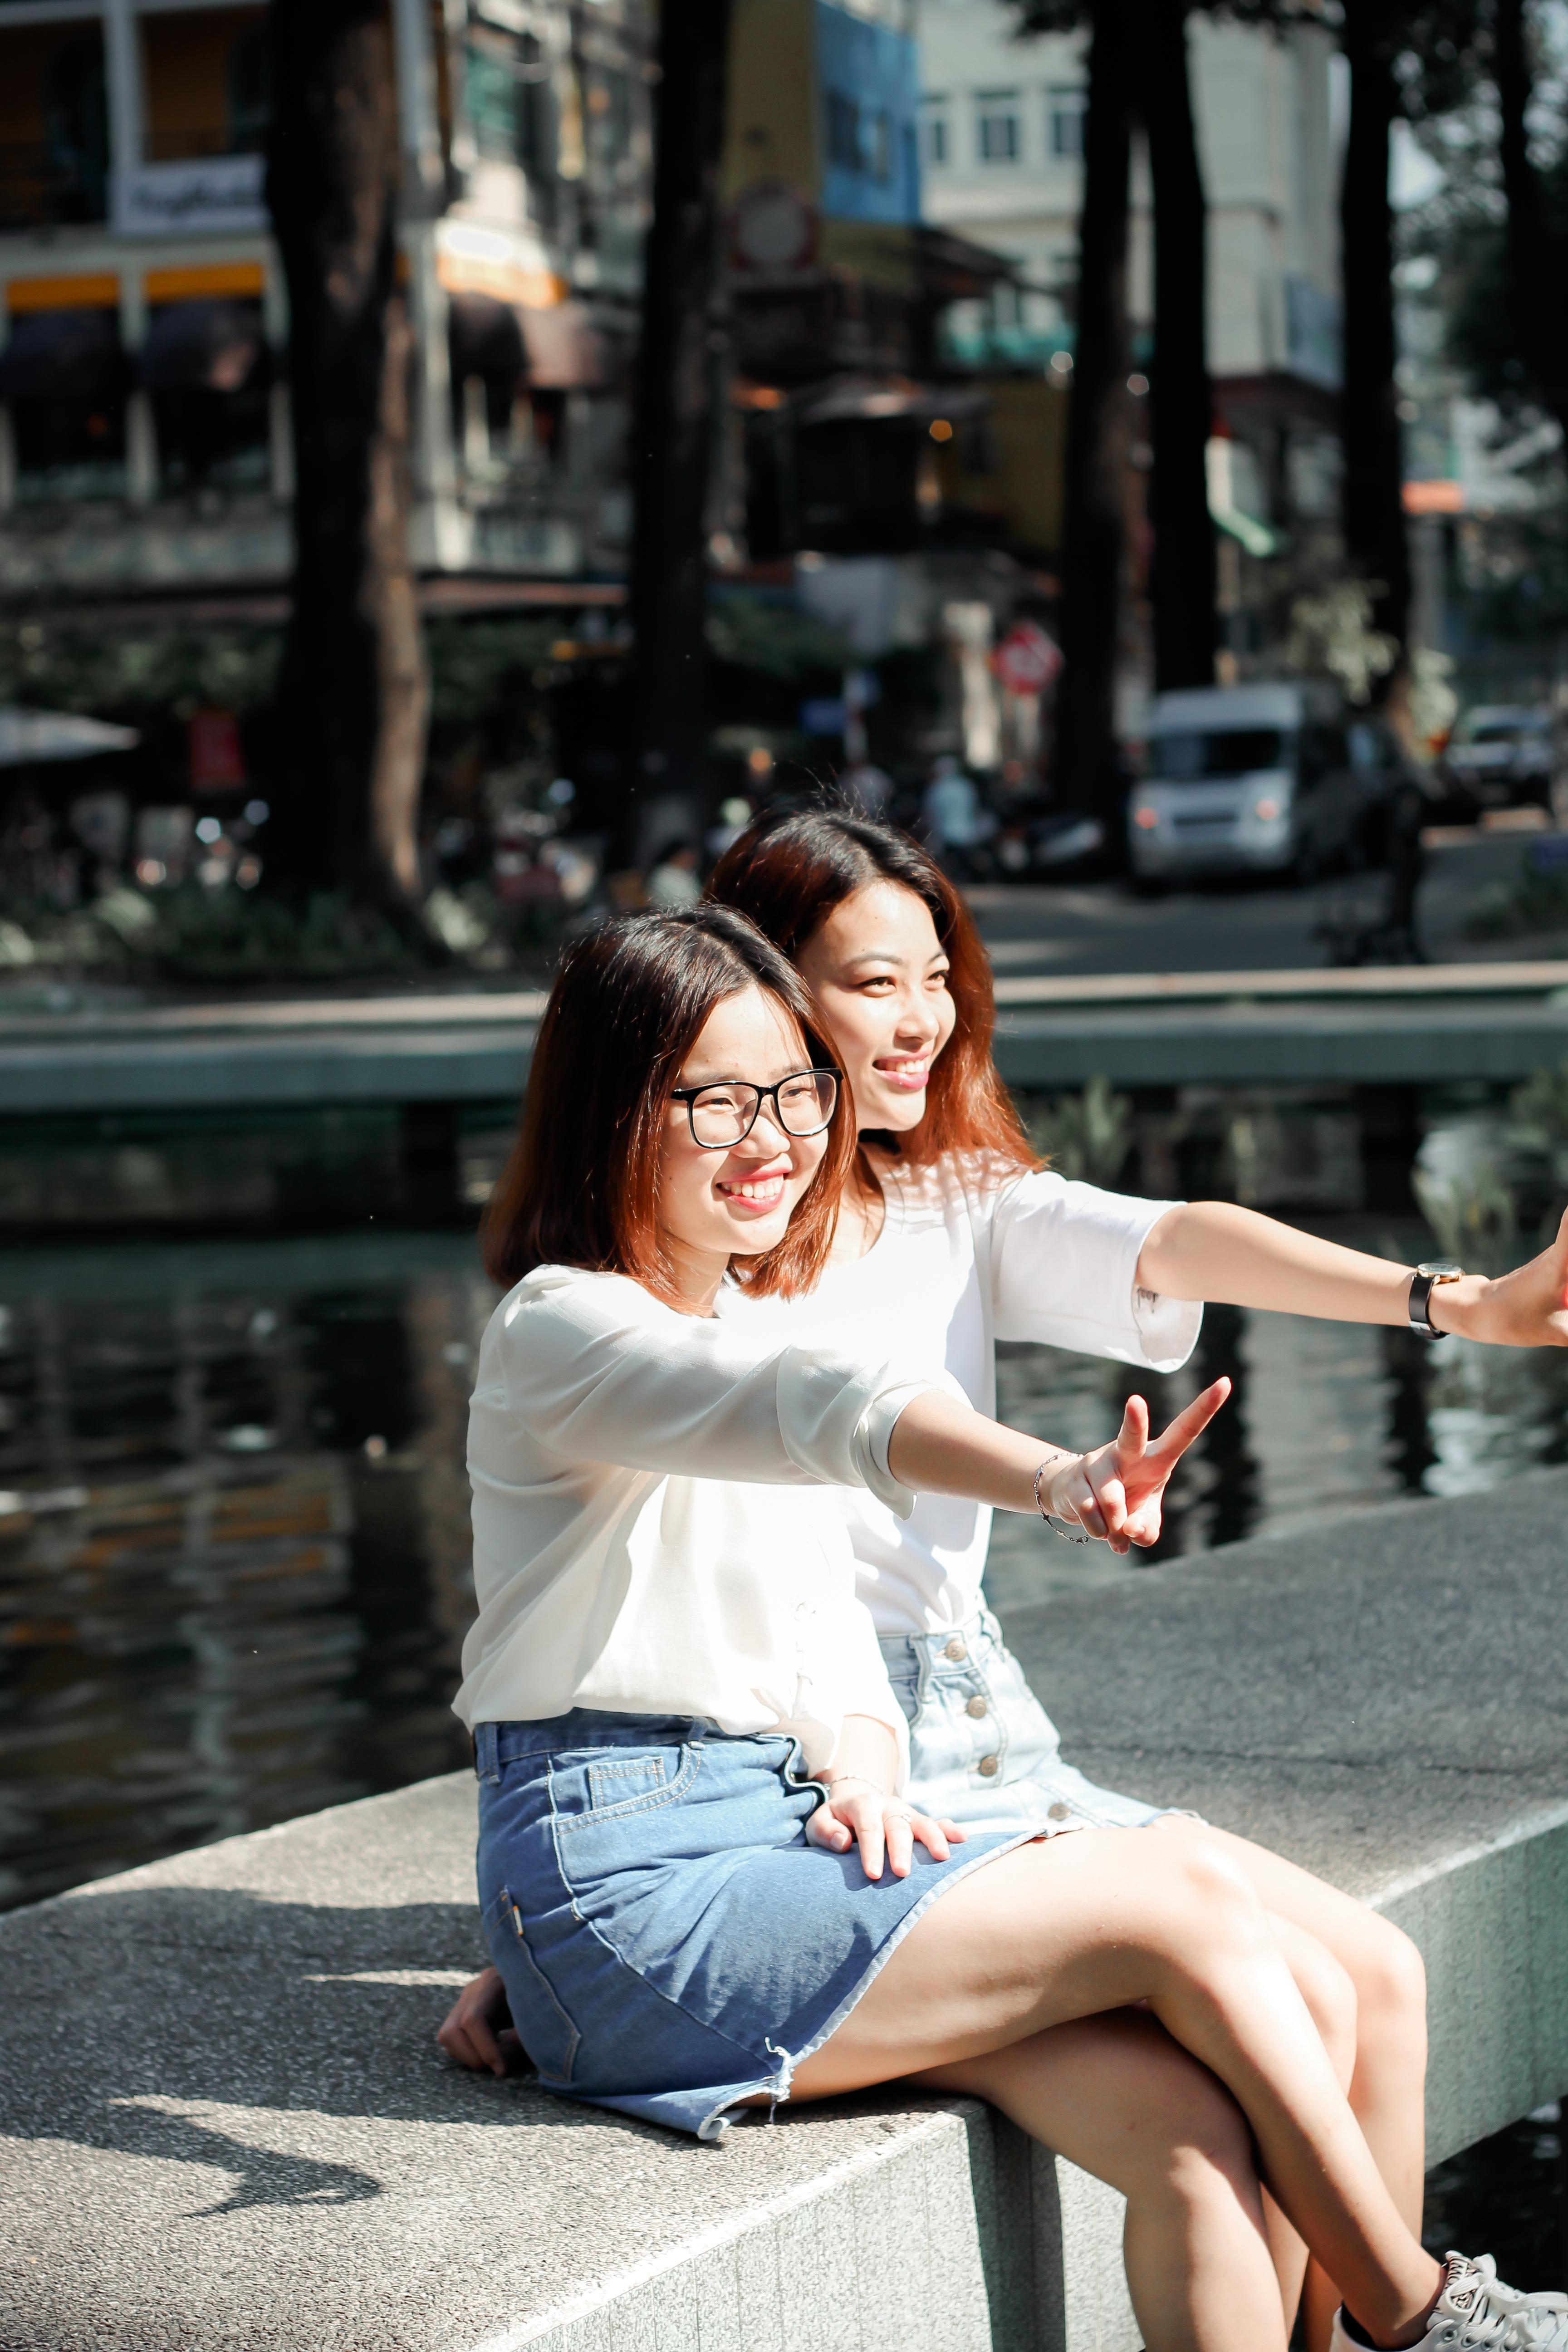 Smiling Women Sitting on Concrete Block